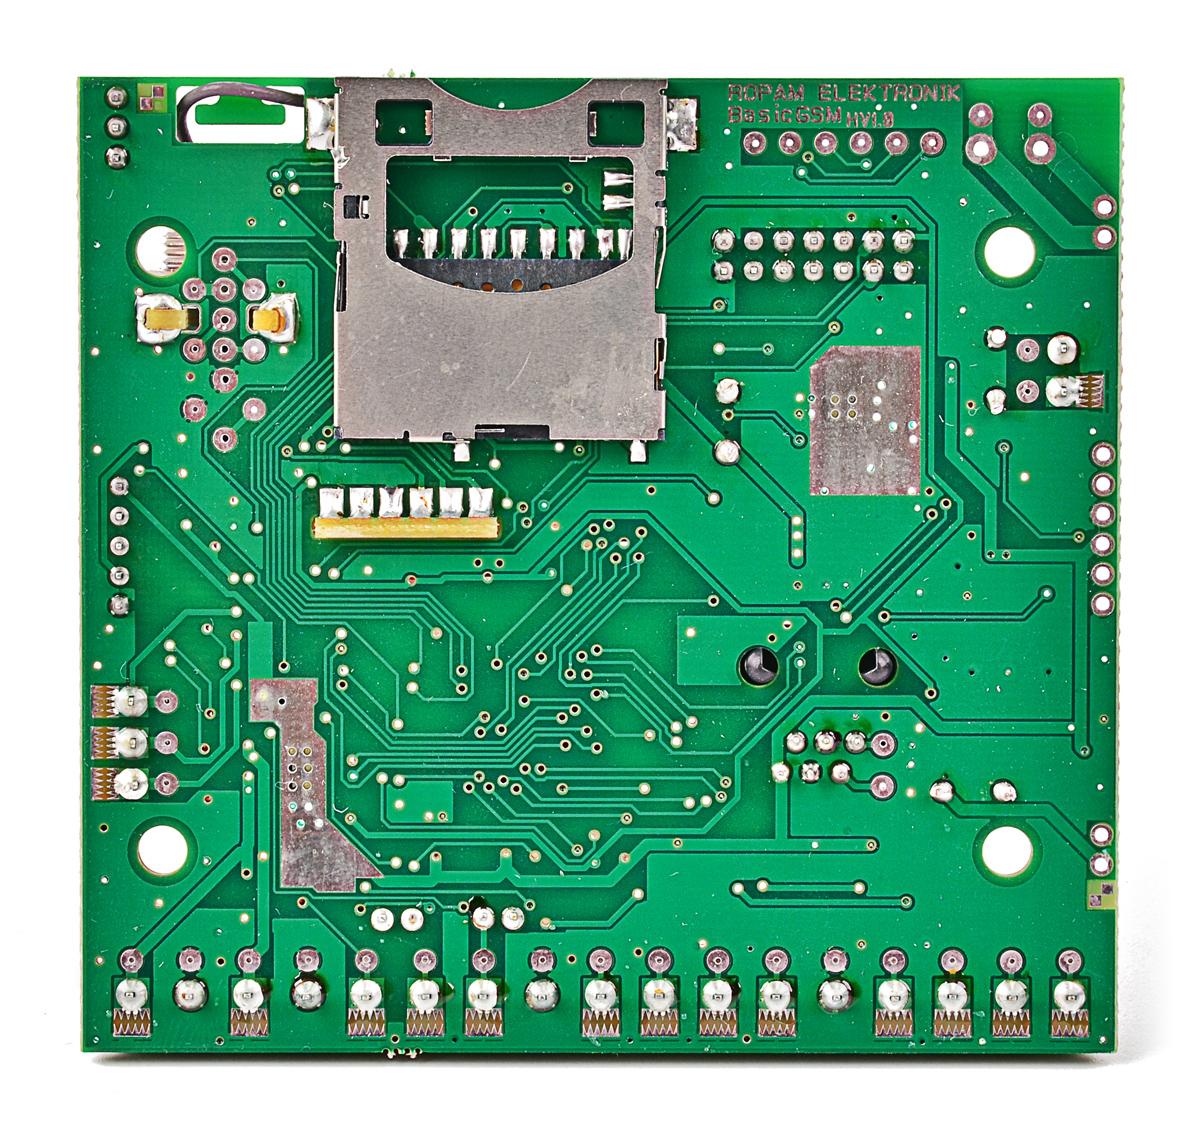 Wejście na kartę SD znajduje się na spodniej części płytki elektroniki